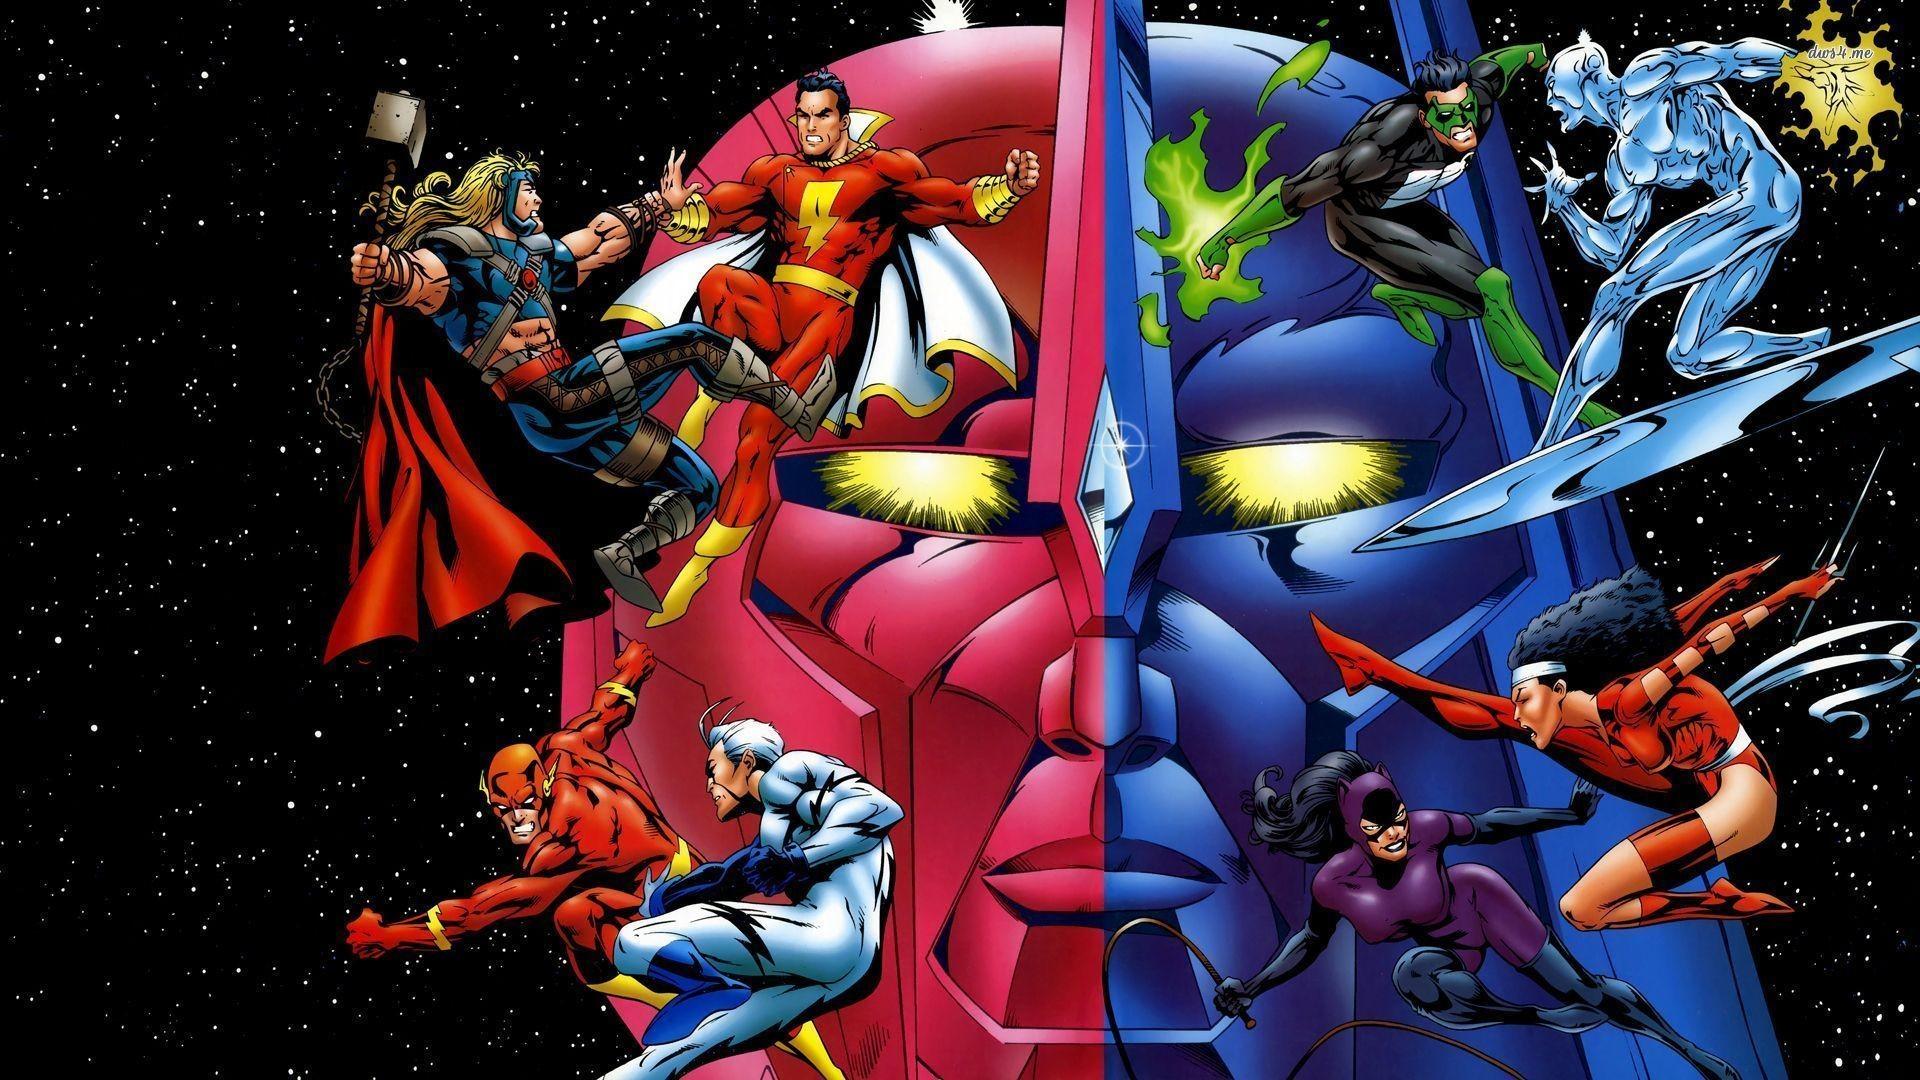 DC Comics vs Marvel superheroes wallpaper – Comic wallpapers – #22642